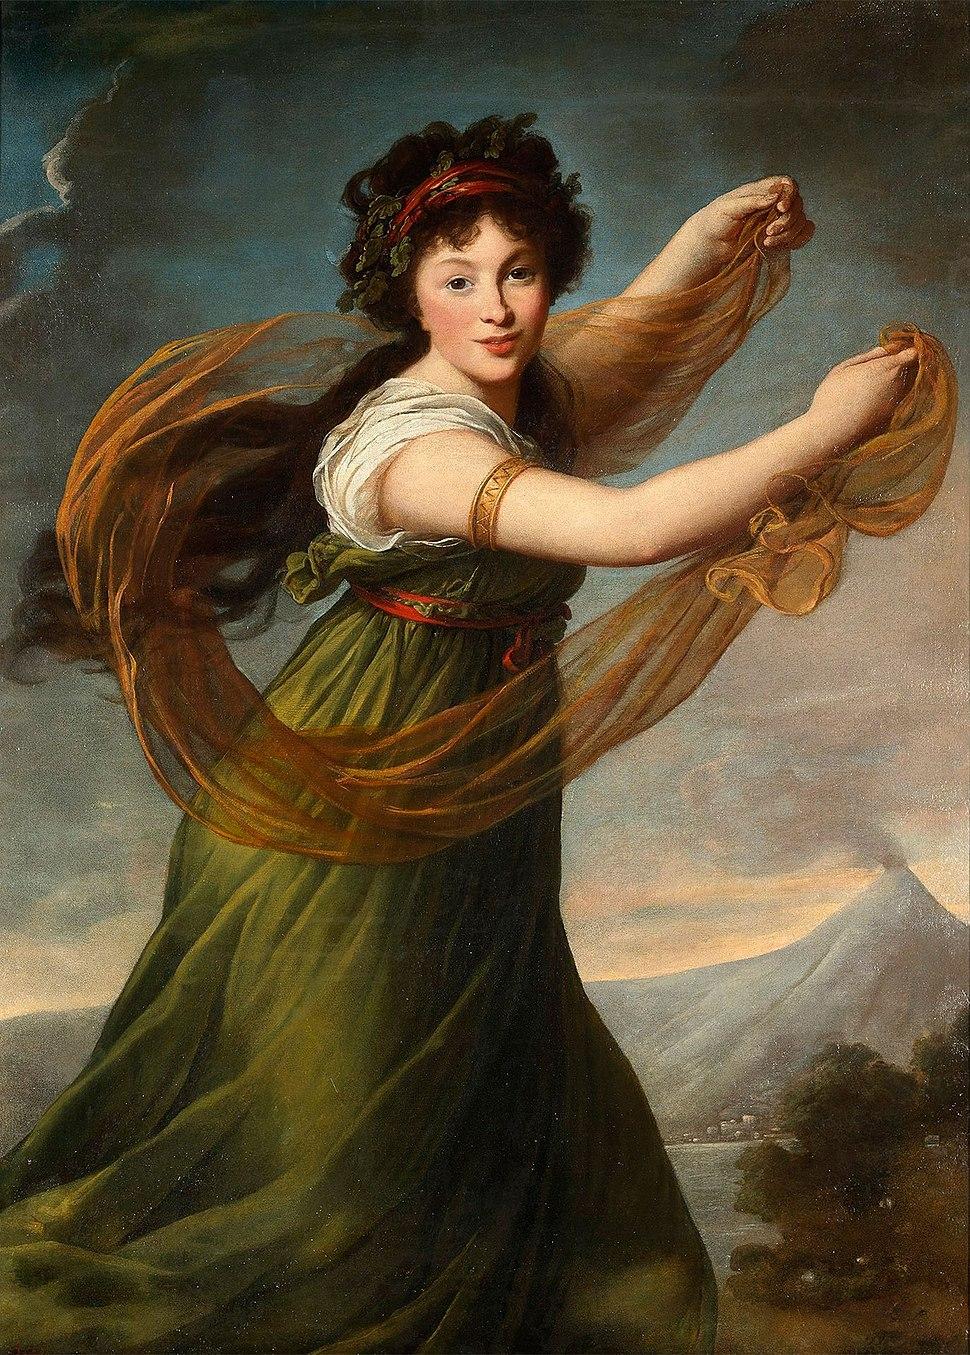 Piełahieja Sapieha (Patockaja). Пелагея Сапега (Патоцкая) (É. Vigée-Lebrun, 1794)